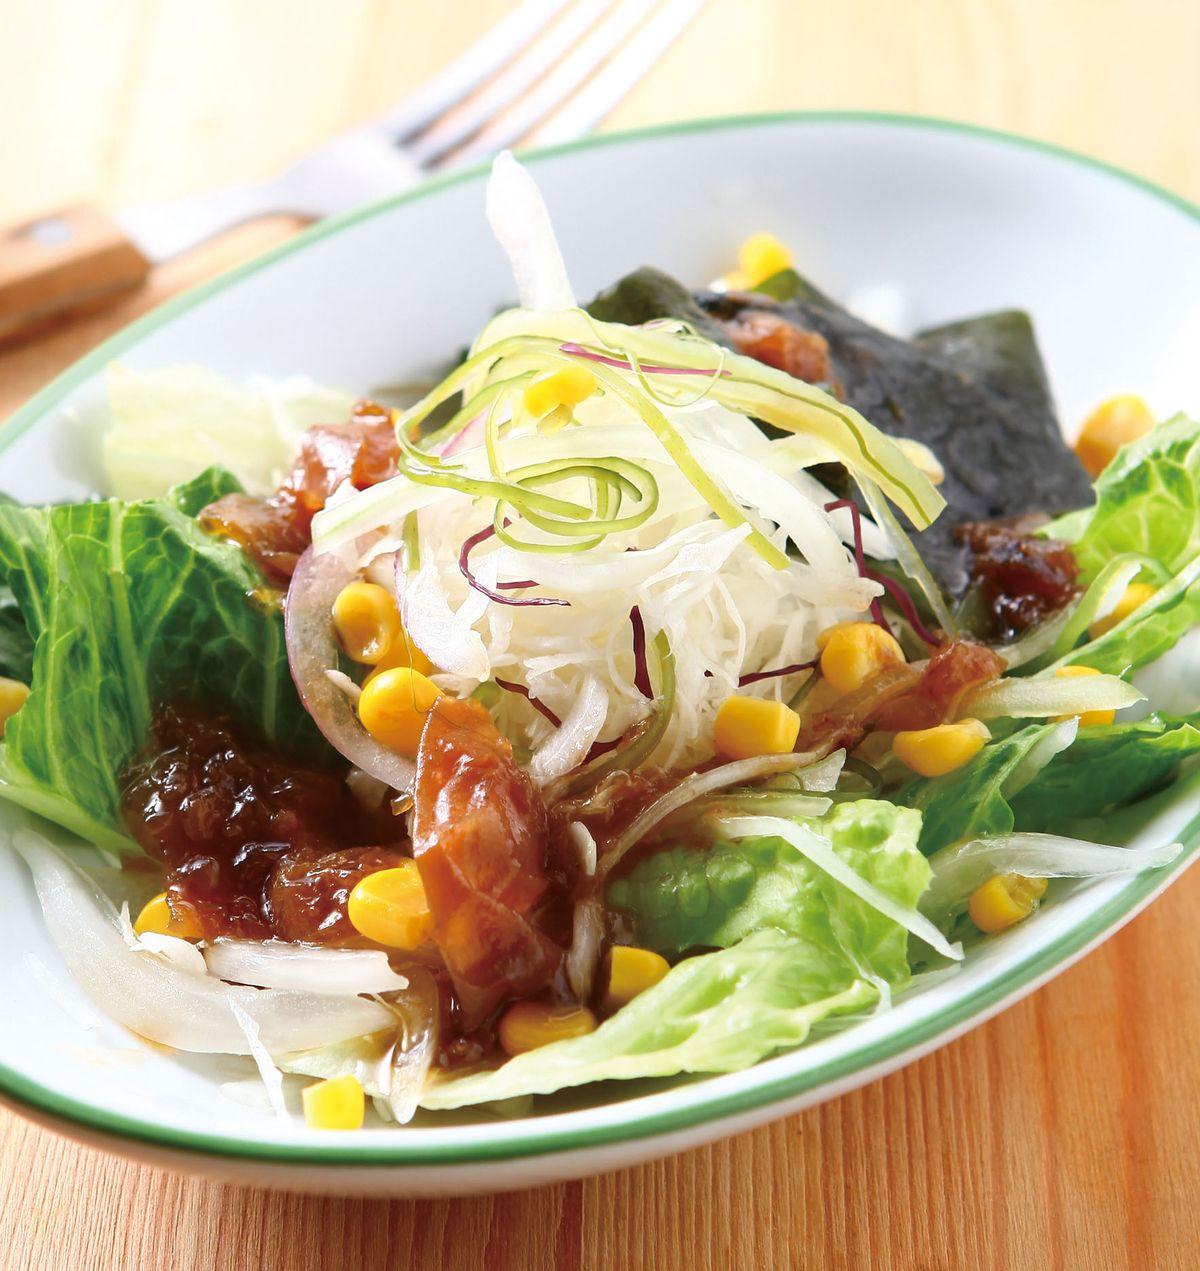 食譜:和風海藻沙拉